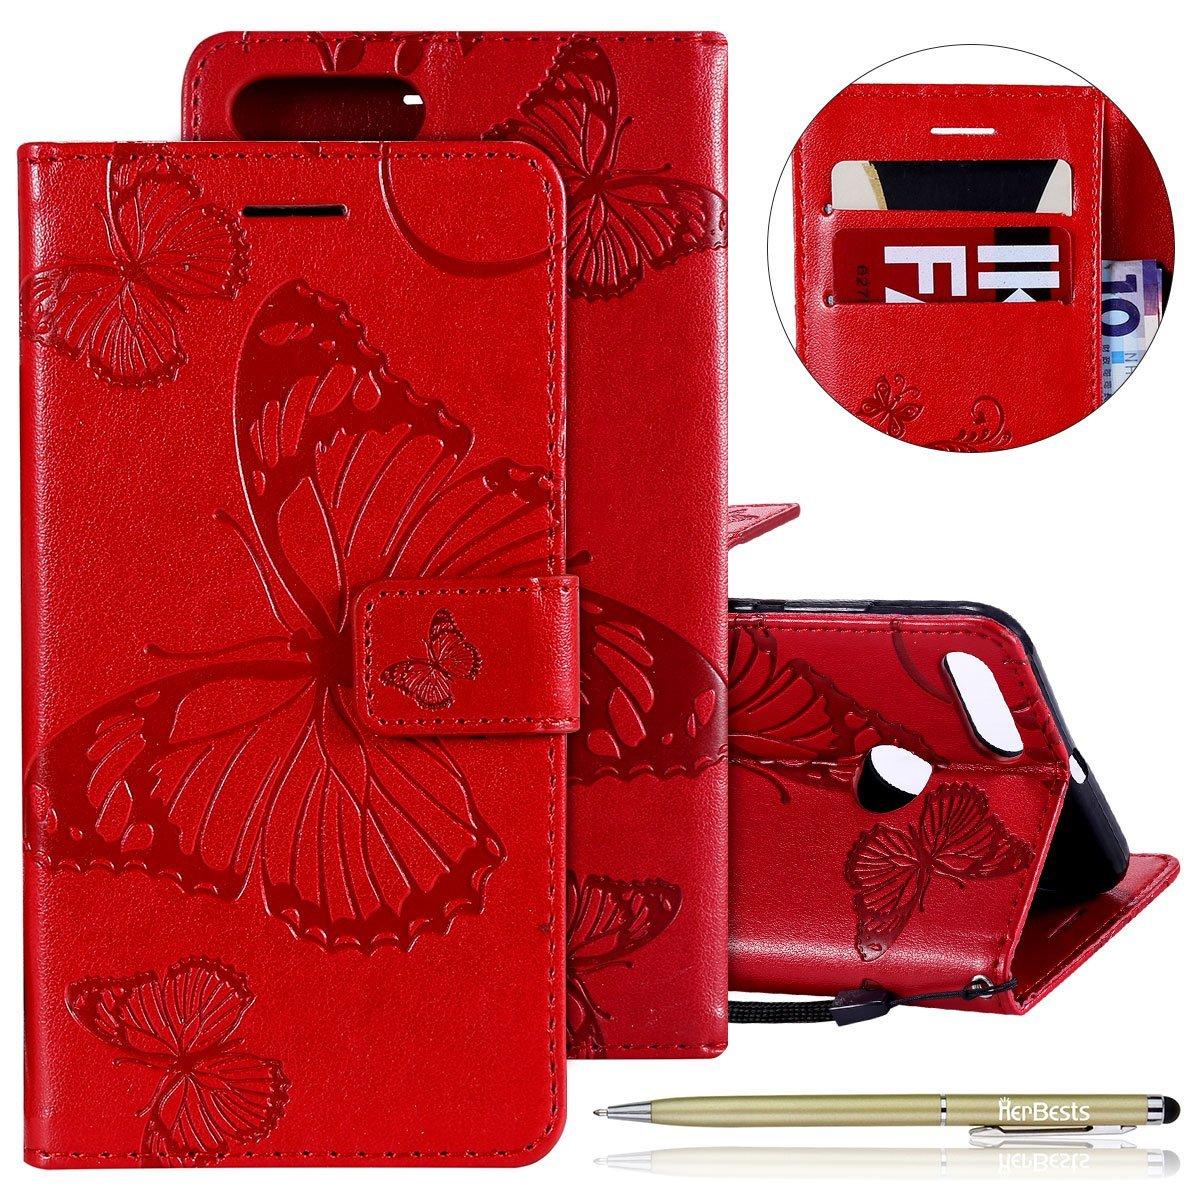 Herbests Coque Xiaomi 5X Housse en Cuir Etui avec Motif Coque à Rabat Magnétique Ultra Mince Anti Choc Porte-Cartes,#134 HER0012070